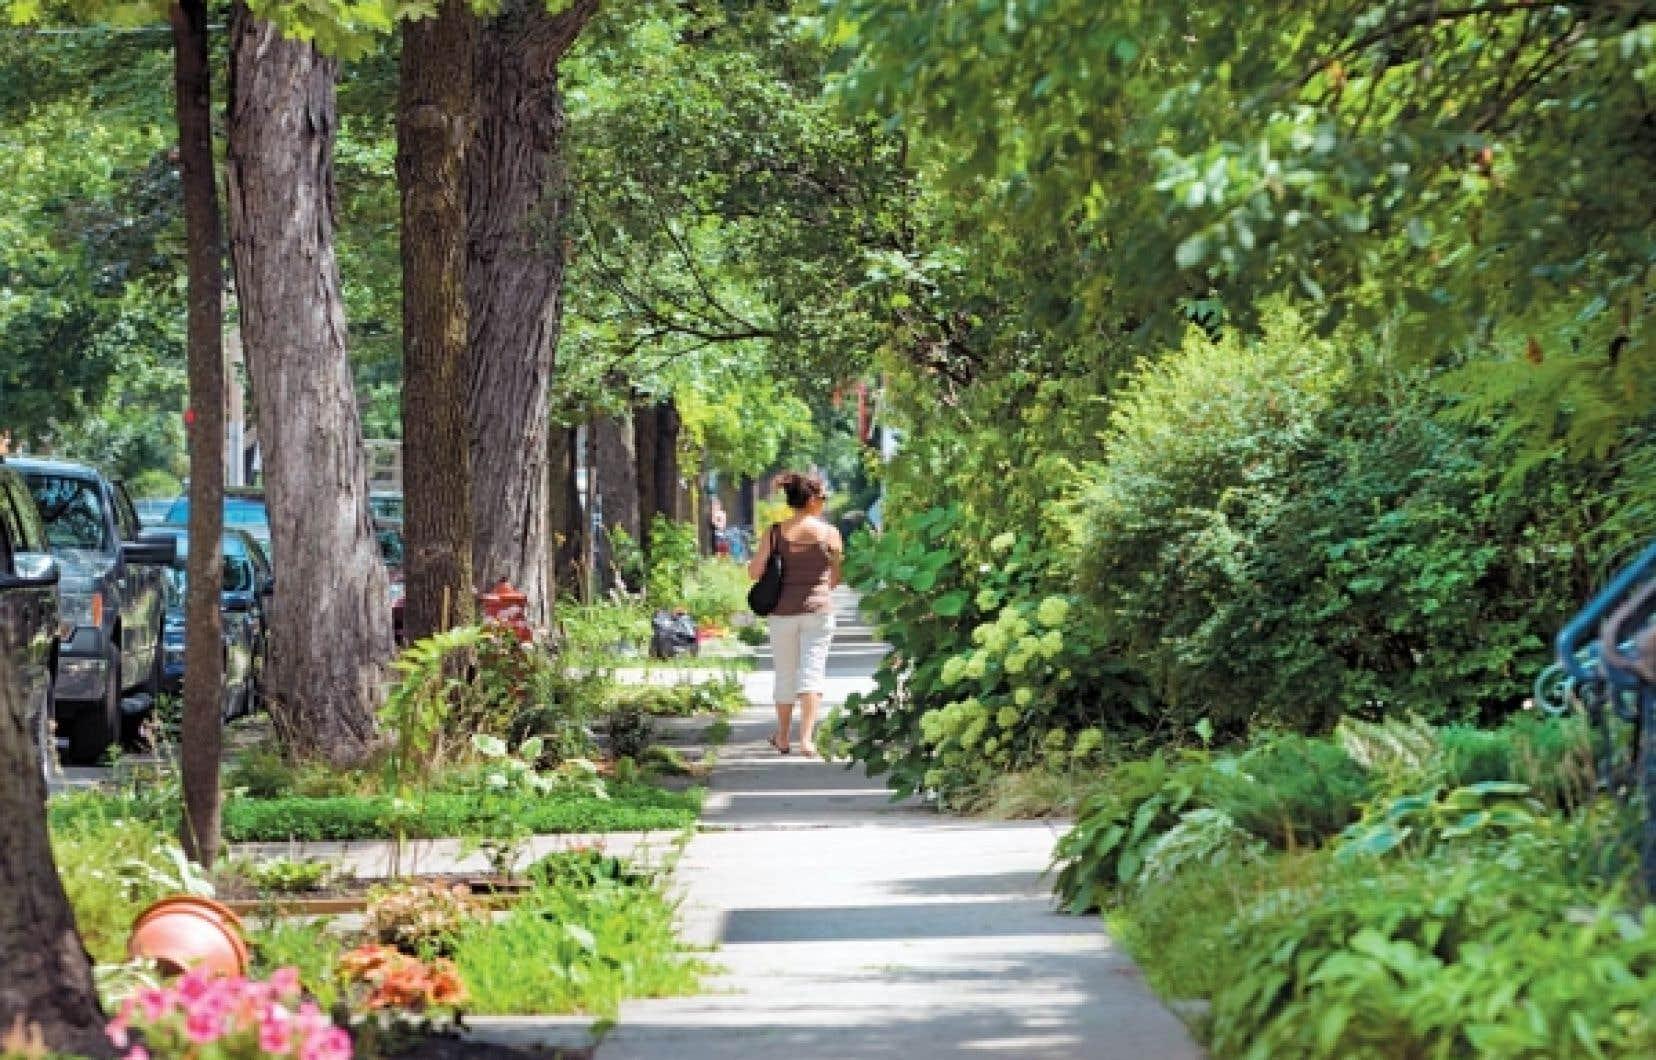 La biodiversité montréalaise n'est pas que l'affaire du mont Royal et autres parcs-nature. Les rues de la métropole en plein été en sont de bons exemples.<br />